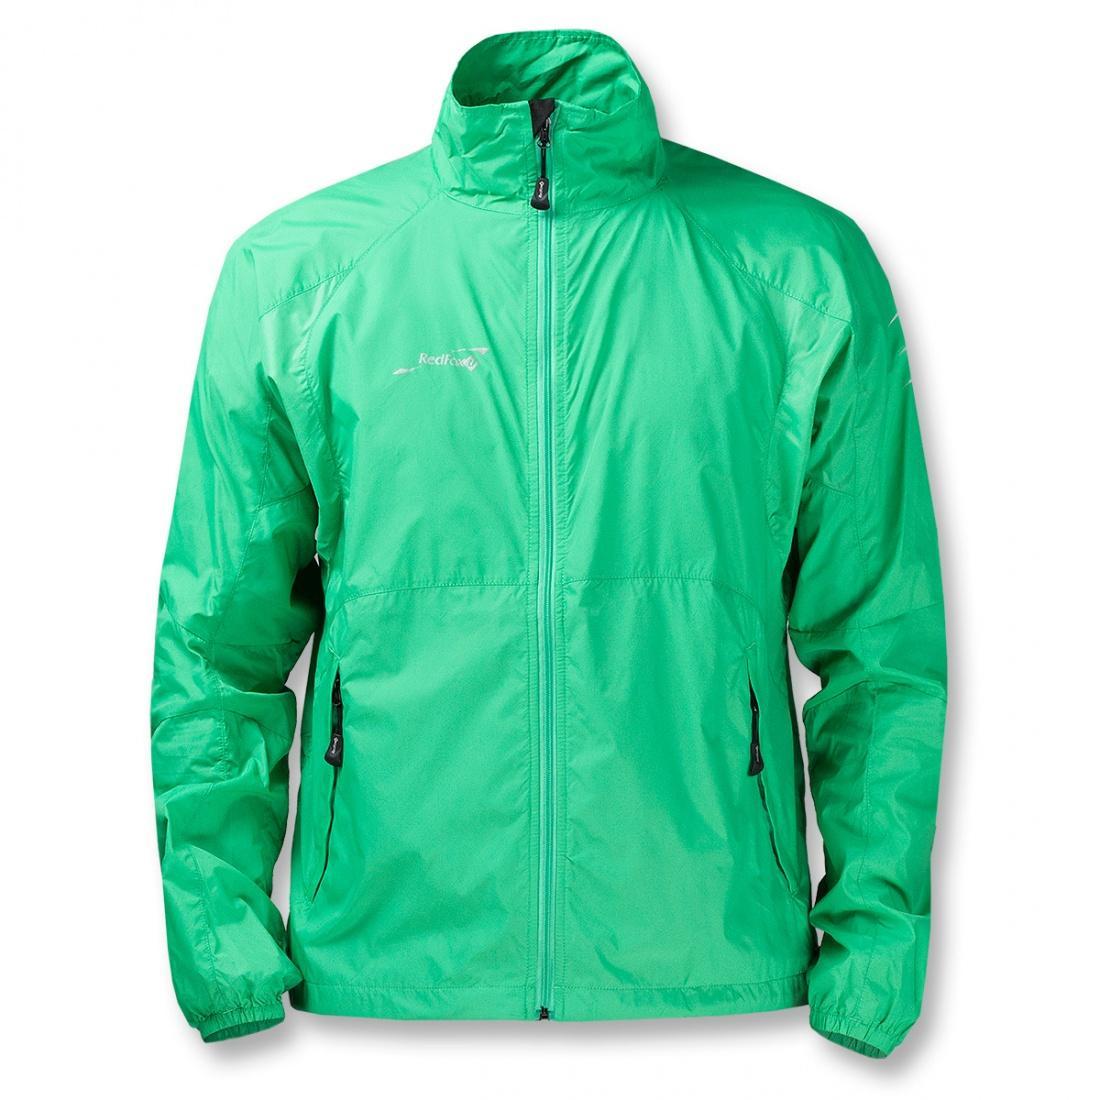 Куртка ветрозащитна Trek Light IIКуртки<br><br> Очень легка куртка дл мультиспортсменов. Отлично сочетает в себе функции защиты от ветра и максимальной свободы движений. Куртку можно компактно упаковать в карман, расположенный на спине.<br><br><br> Особенности:<br><br><br>Два бо...<br><br>Цвет: Зеленый<br>Размер: 48